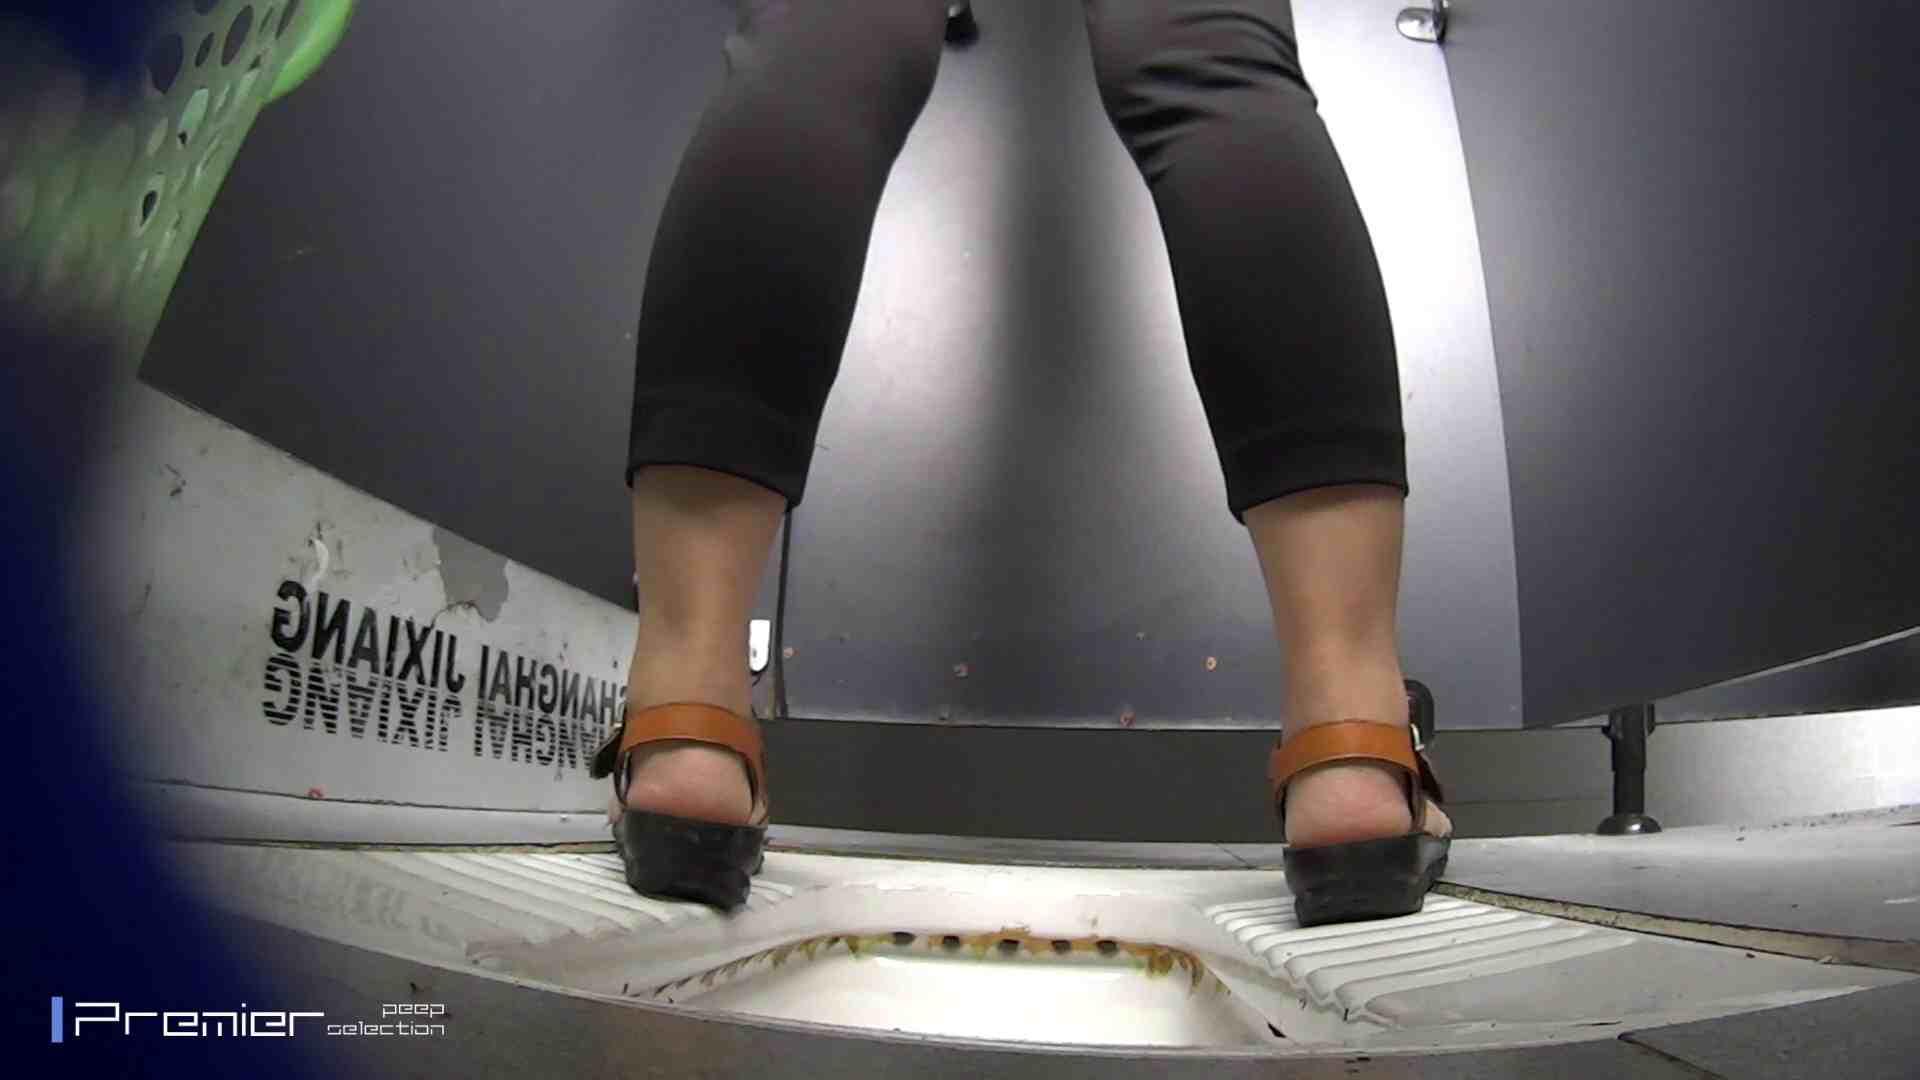 夏全開!ハーフパンツのギャル達 大学休憩時間の洗面所事情44 パンツの中は。。 | ギャル盗撮映像  70PIX 31